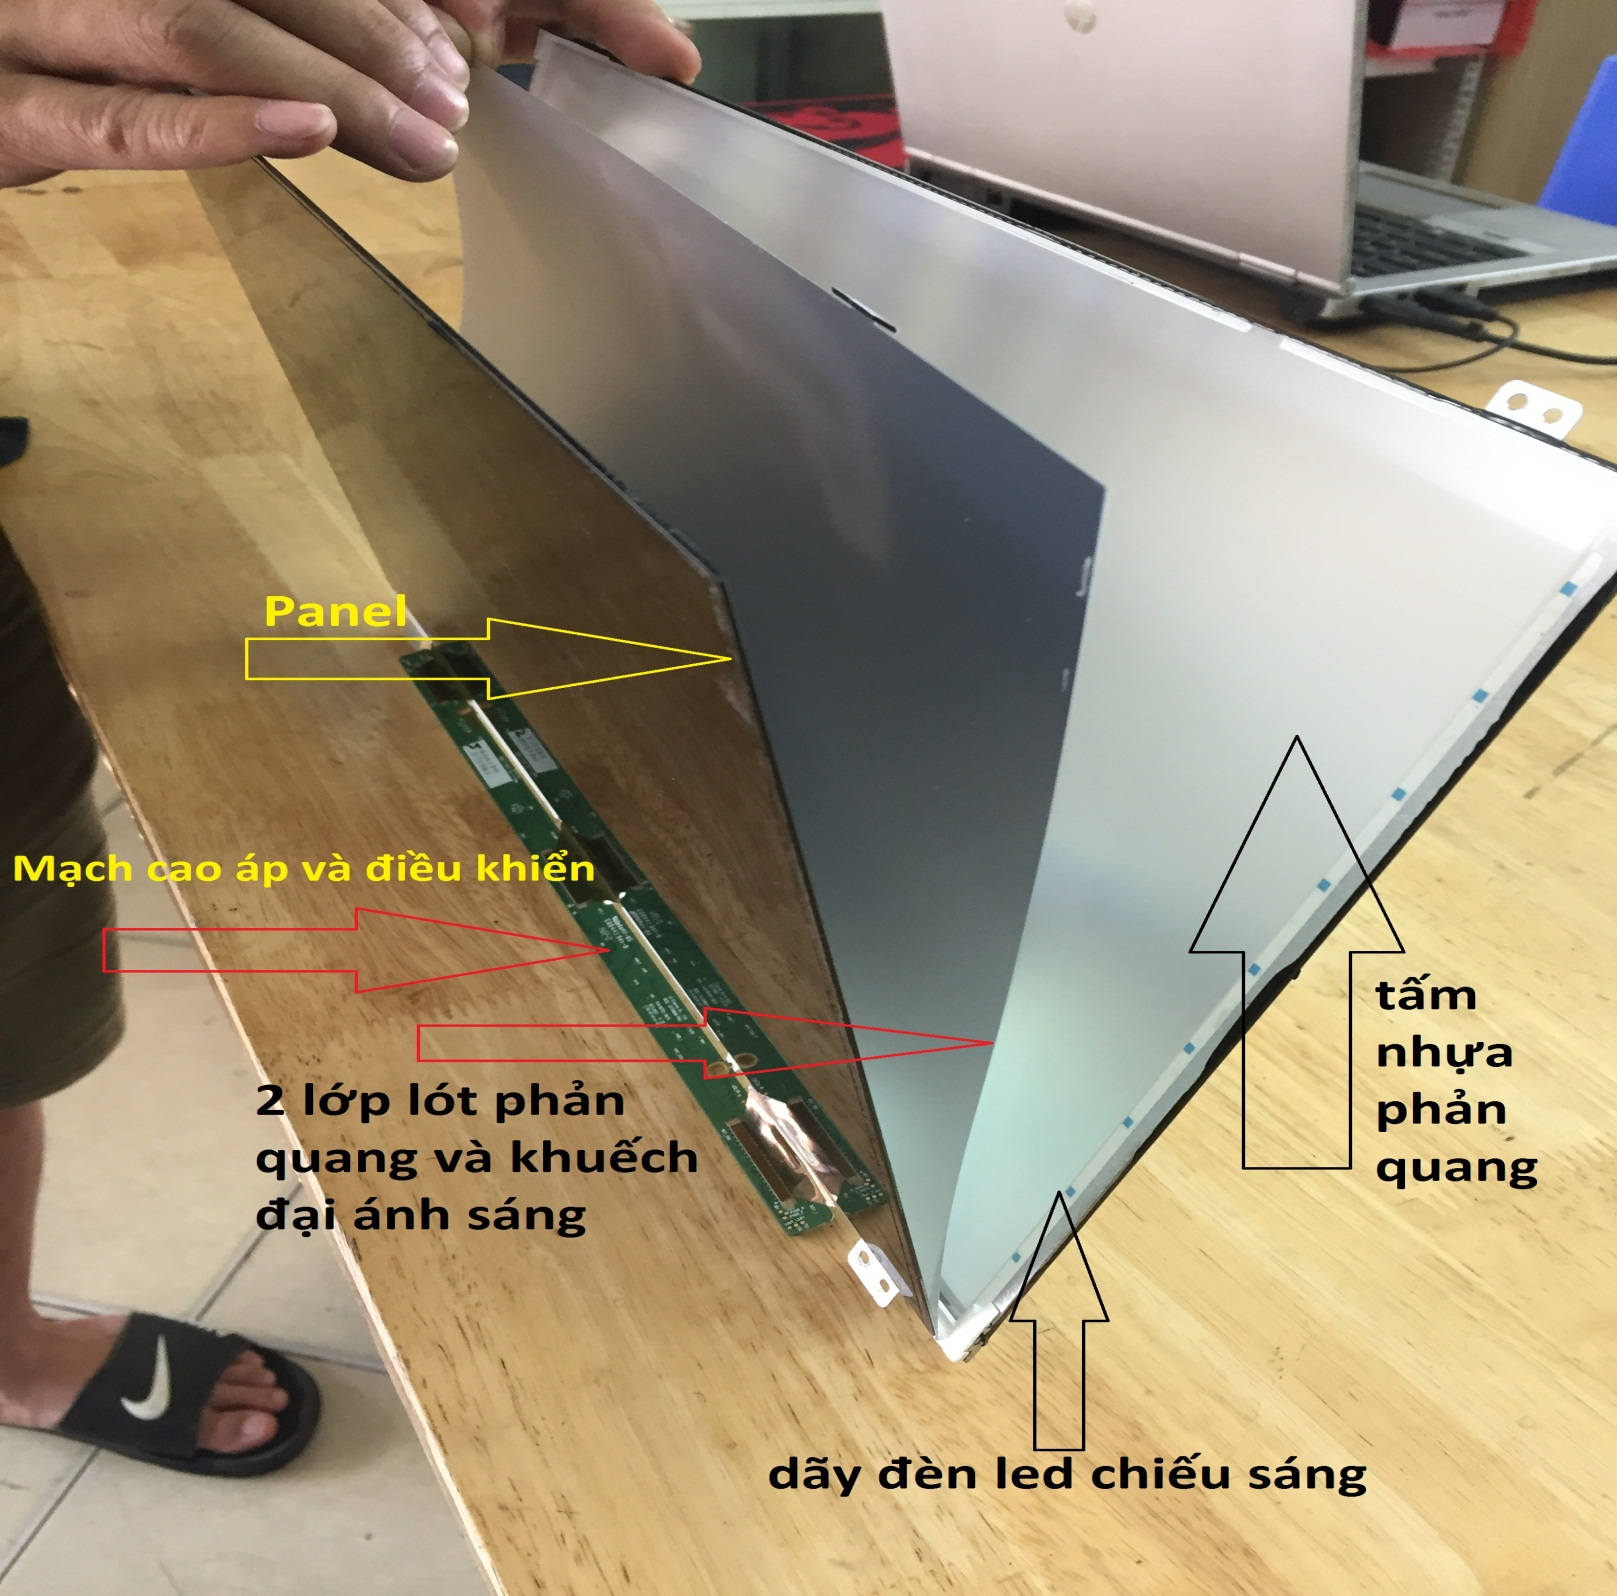 5 lỗi màn hình laptop có thể tự sửa, không cần thay mới